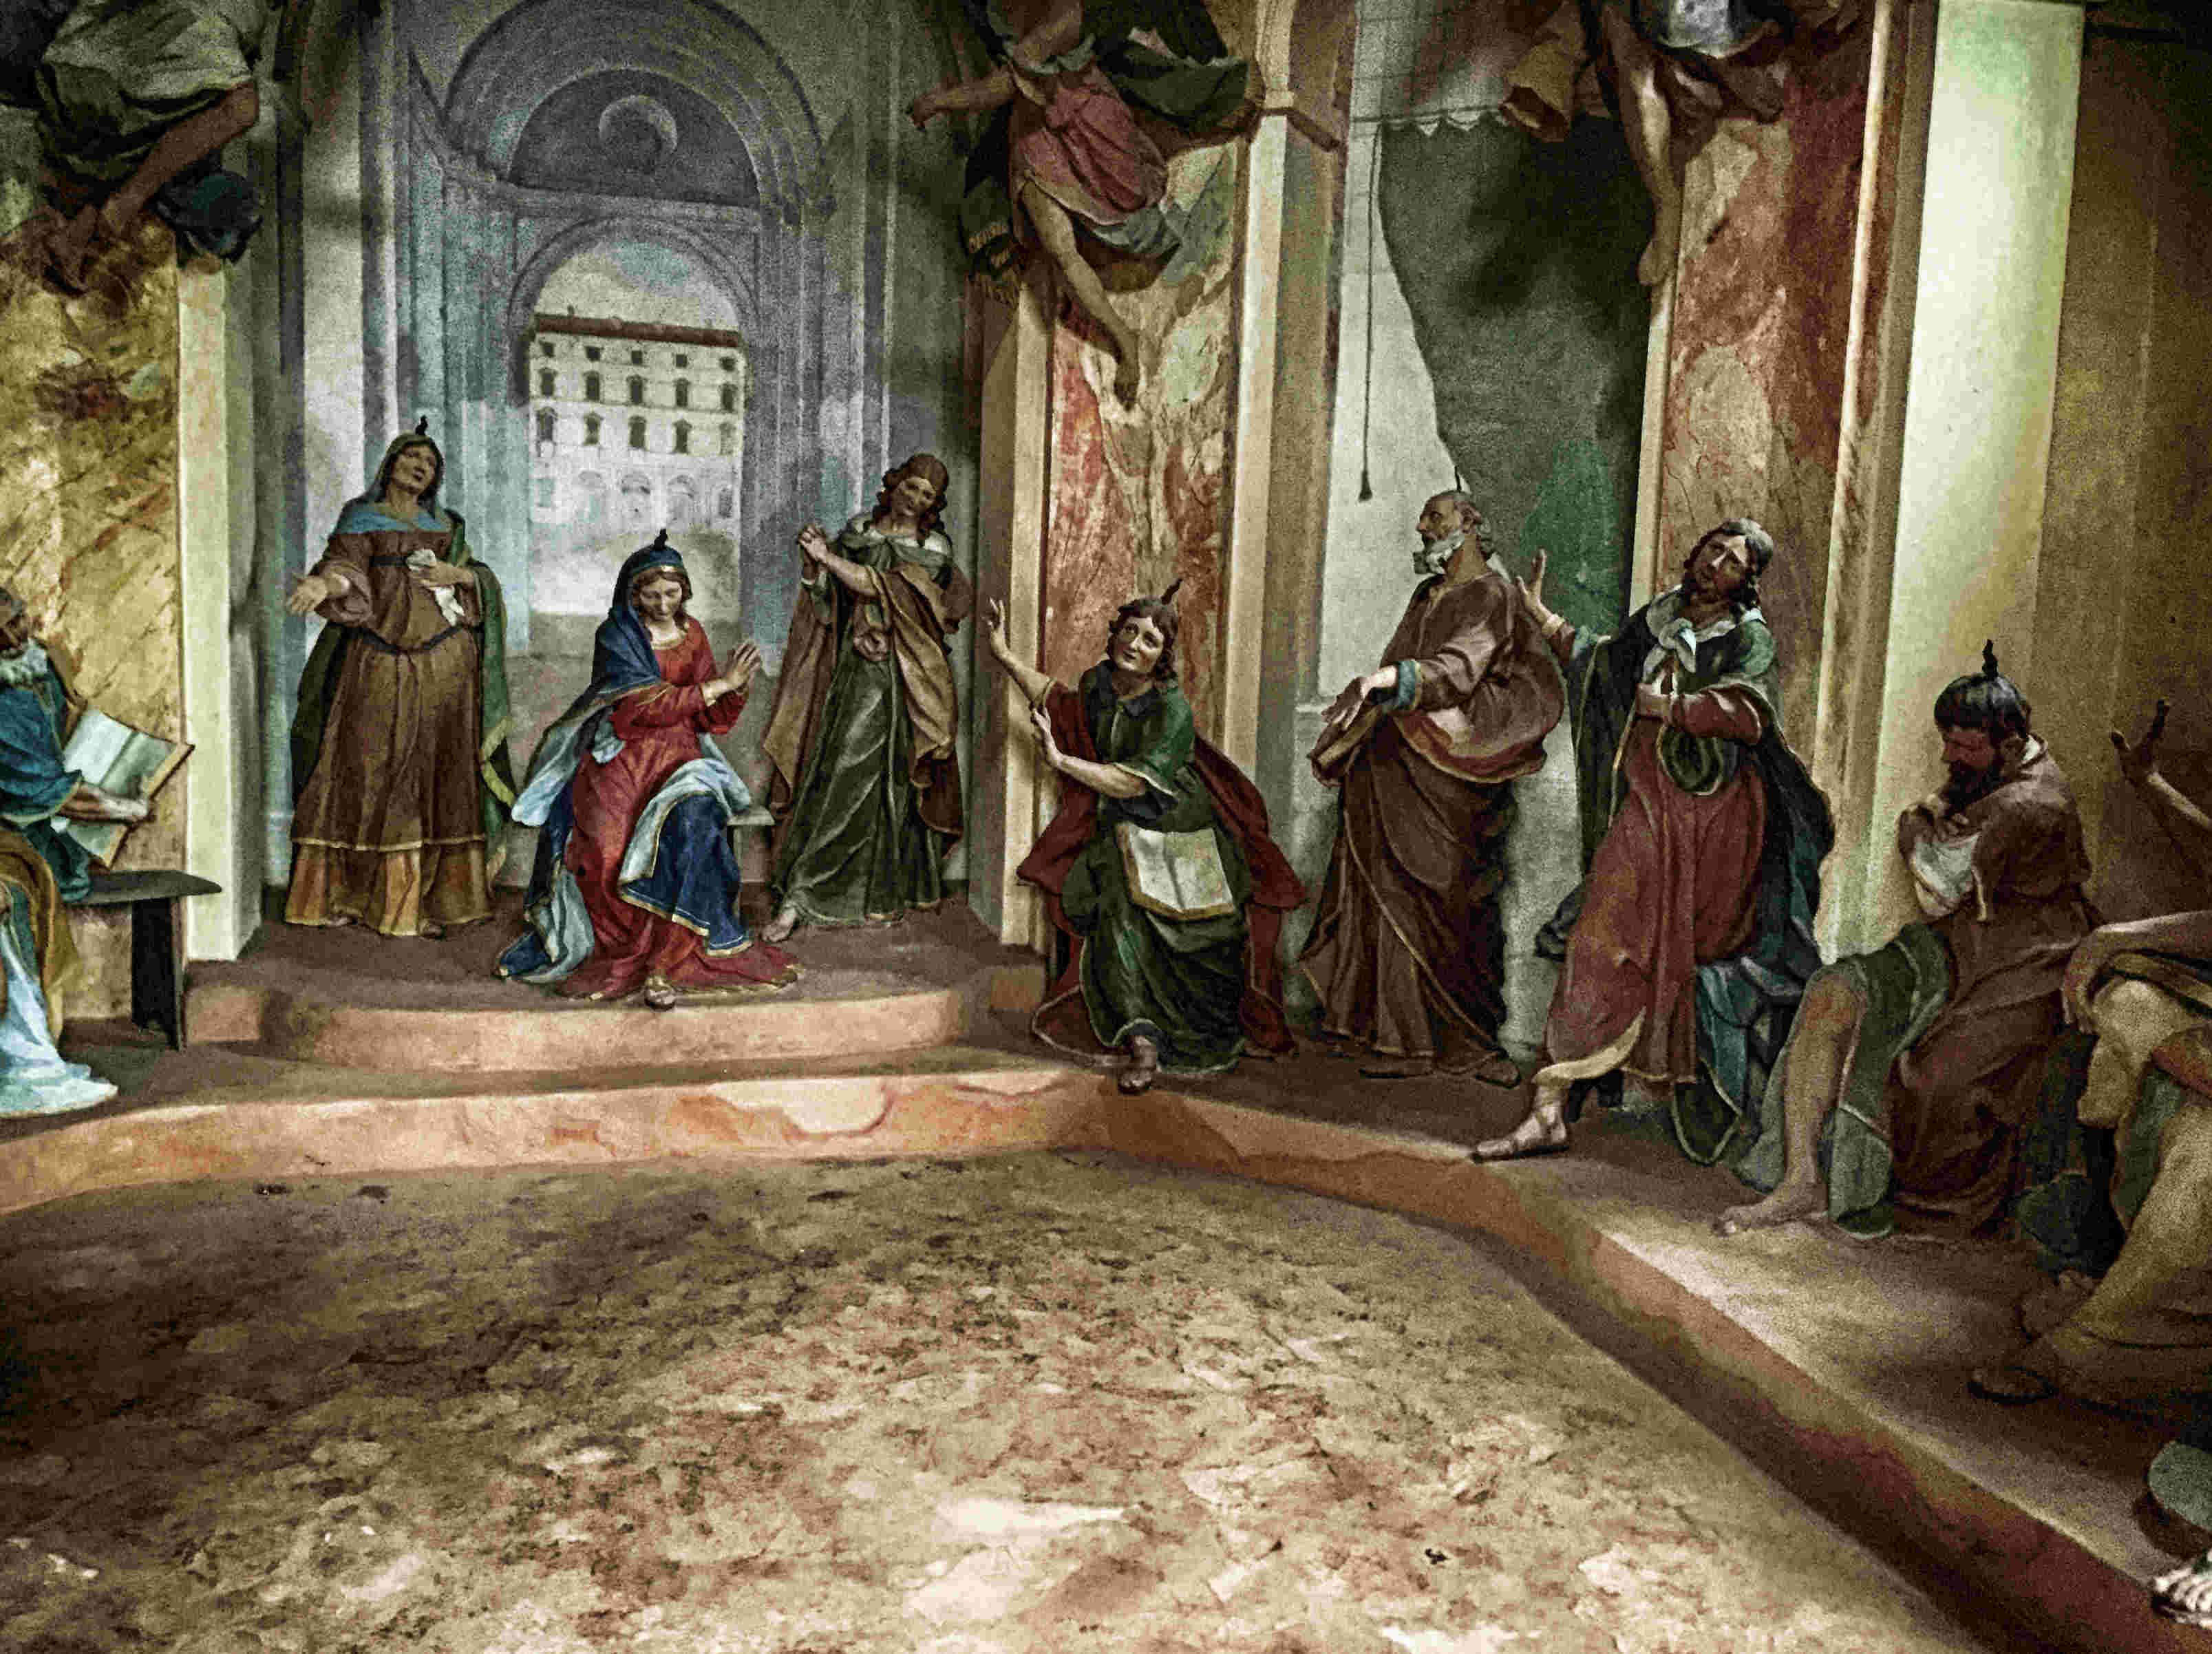 lebensgroße Figuren in den Kapellen von S. Maria del Soccorso